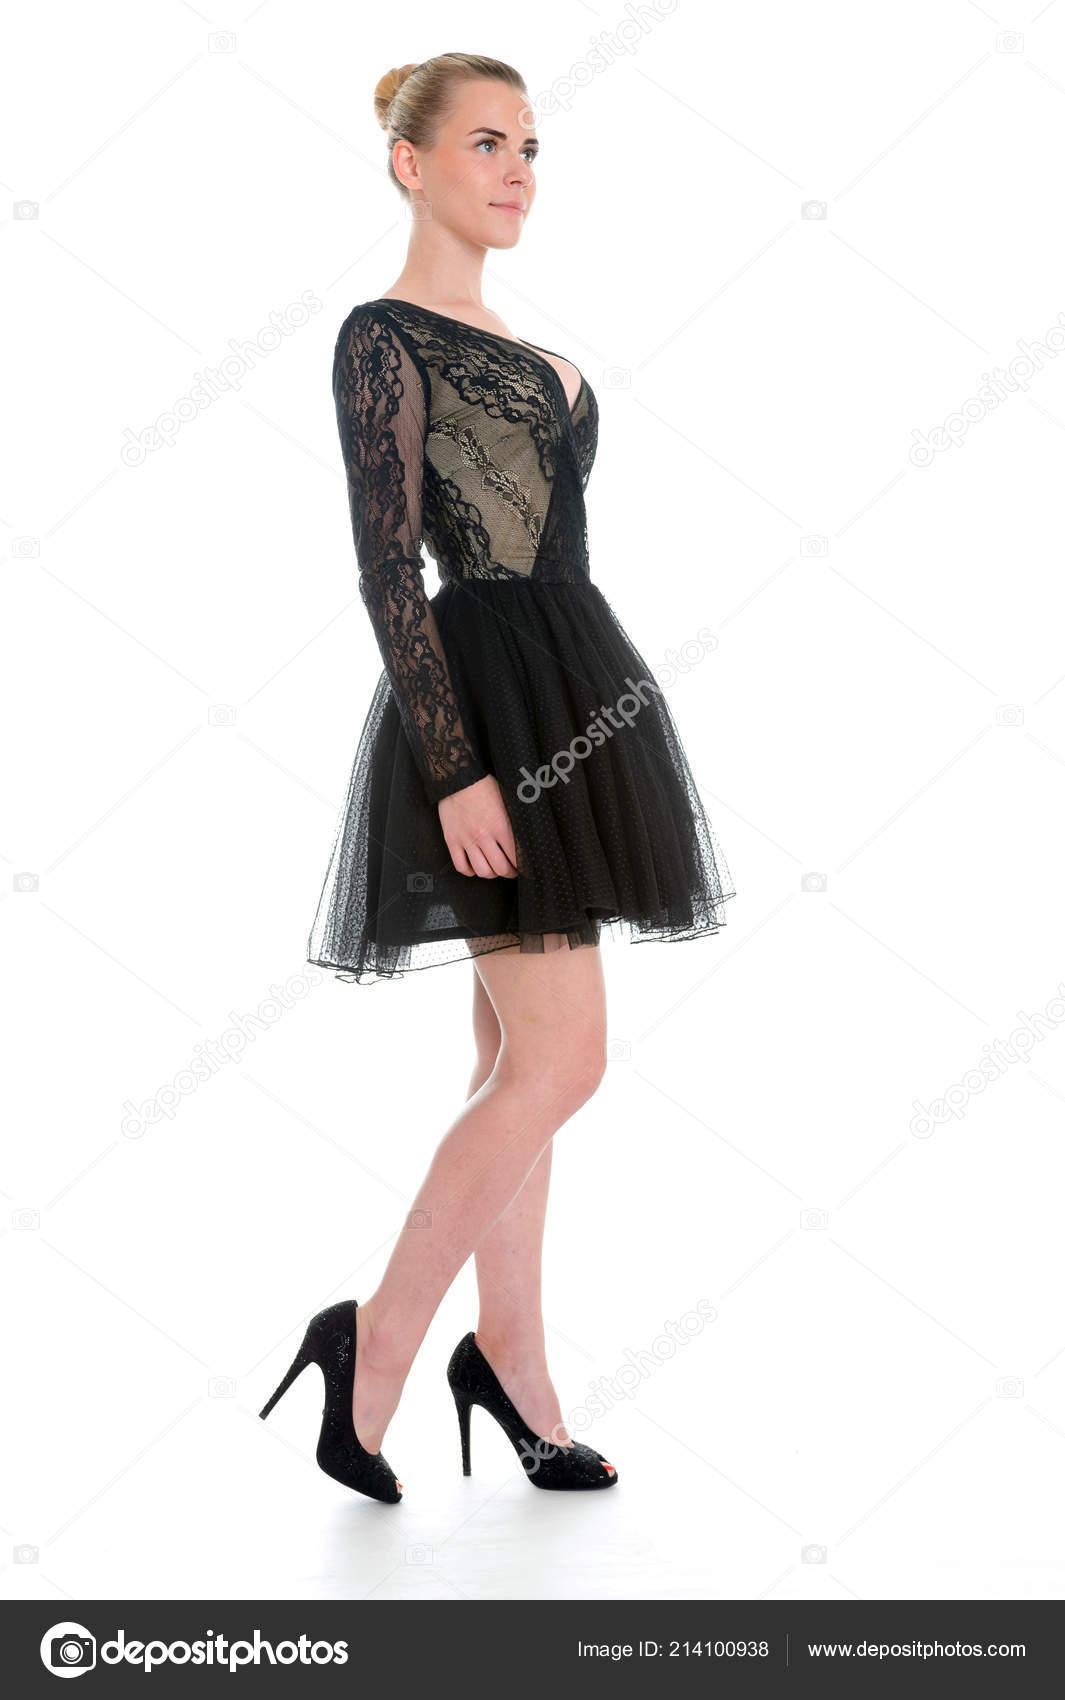 Vestido Noche Encaje Negro Modelo Femenino Caucásico Estudio